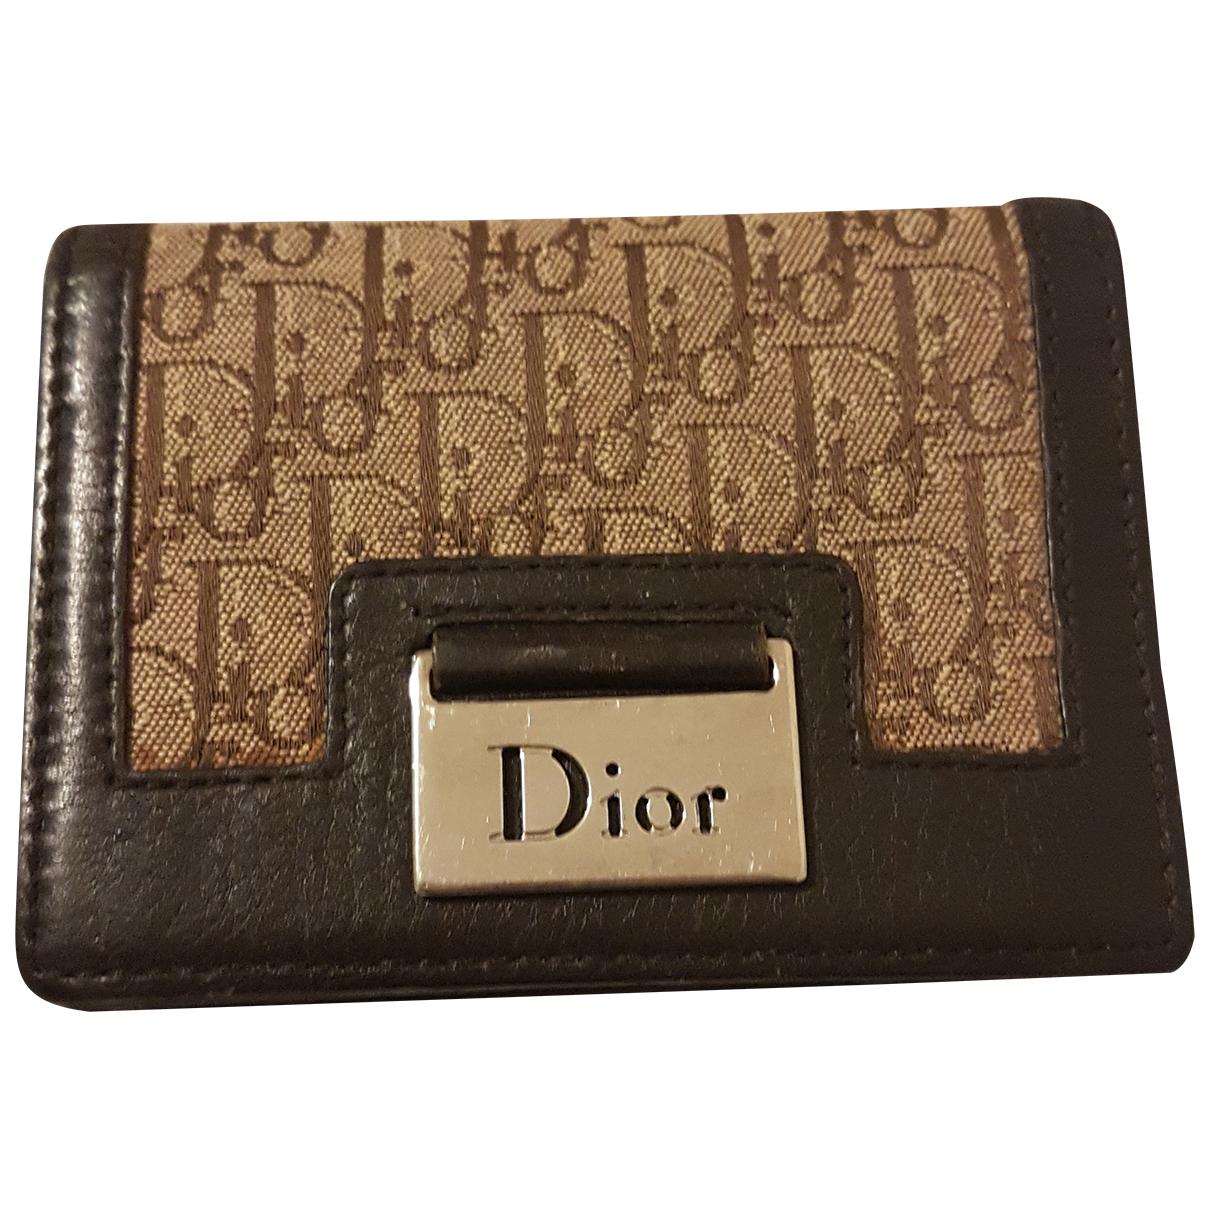 Dior - Petite maroquinerie   pour femme en autre - marron